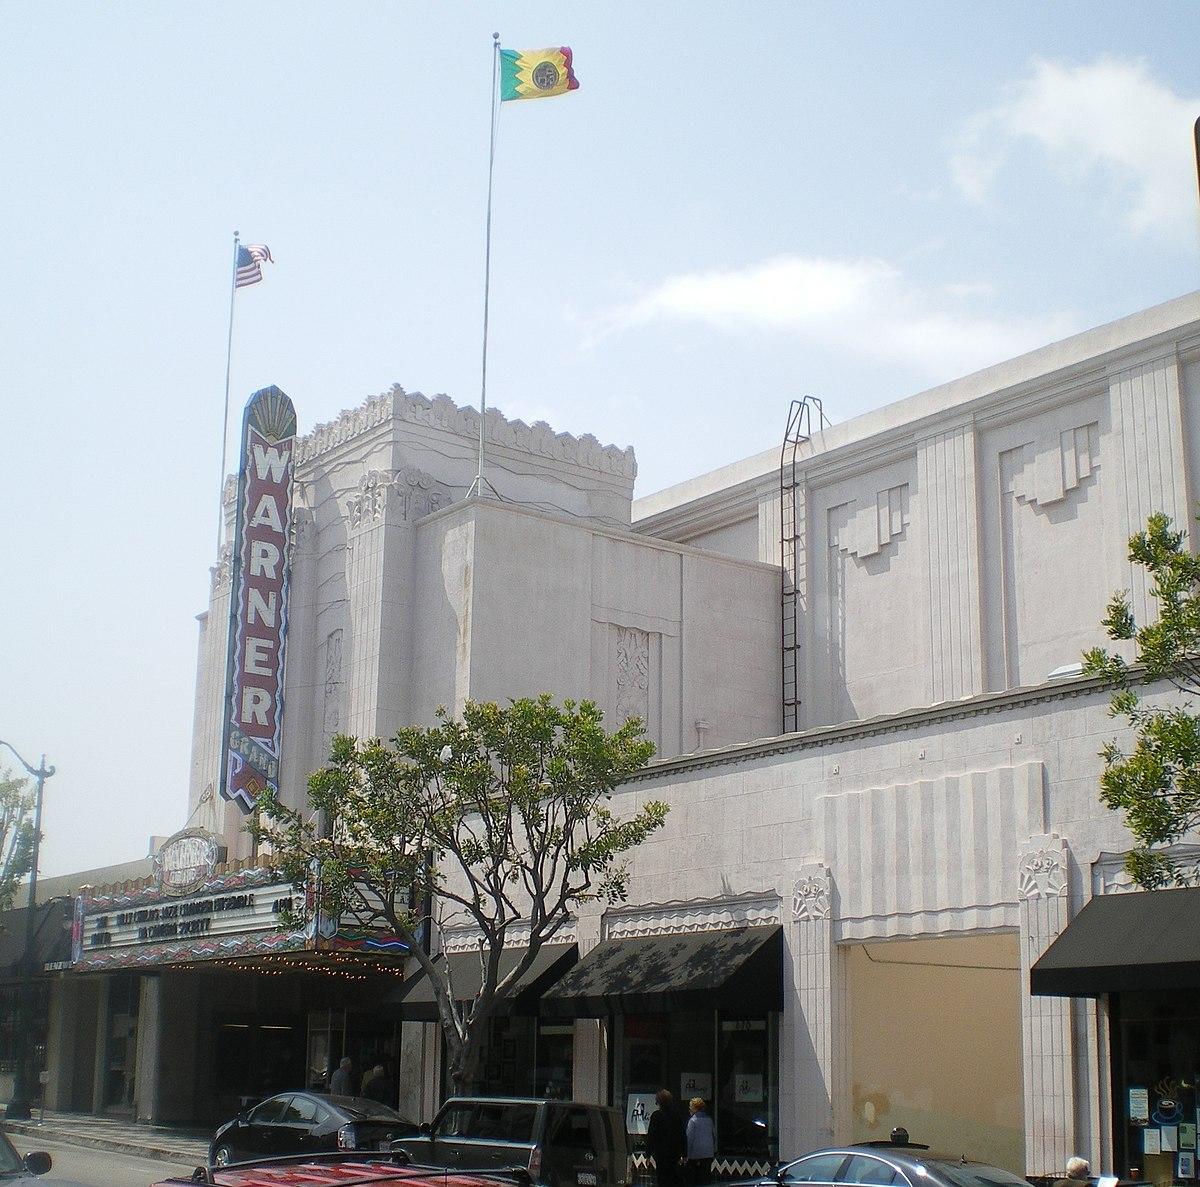 San Pedro California >> Warner Grand Theatre - Wikipedia